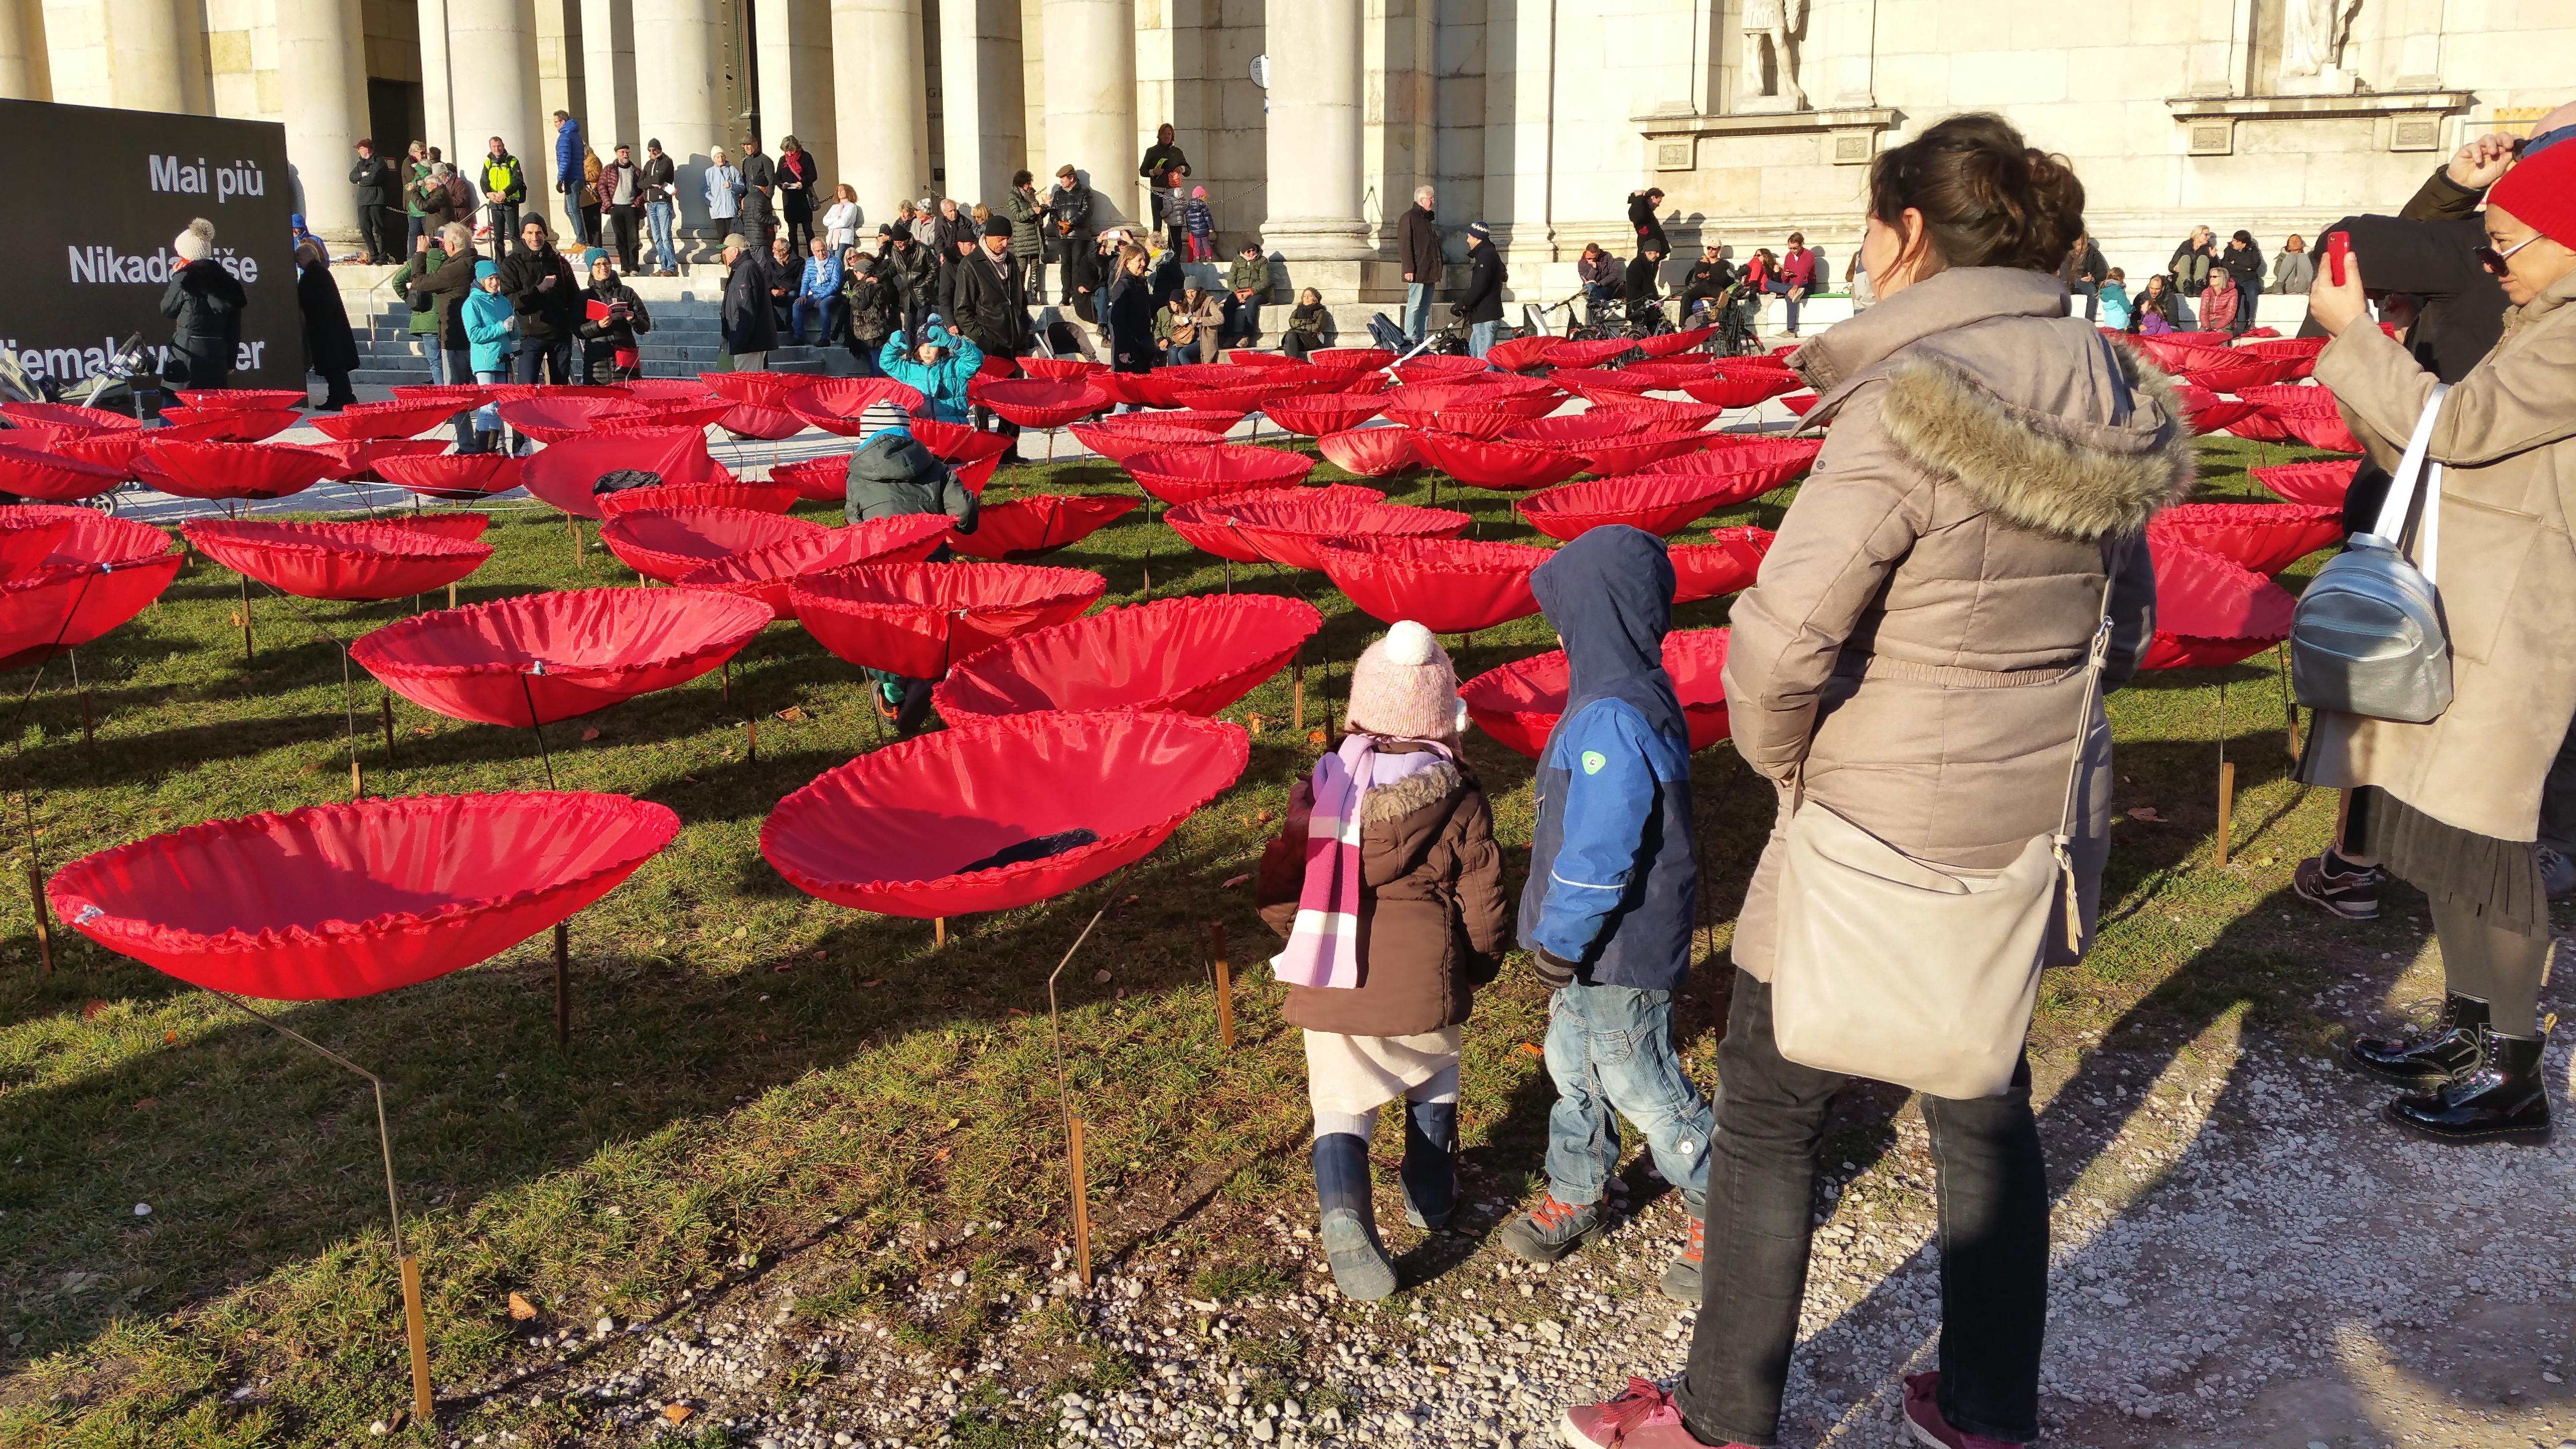 Zu sehen sind die Mohnblumen, die an Projekte des Aktionskünstlers Christo erinnern, bis zum 2. Dezember.